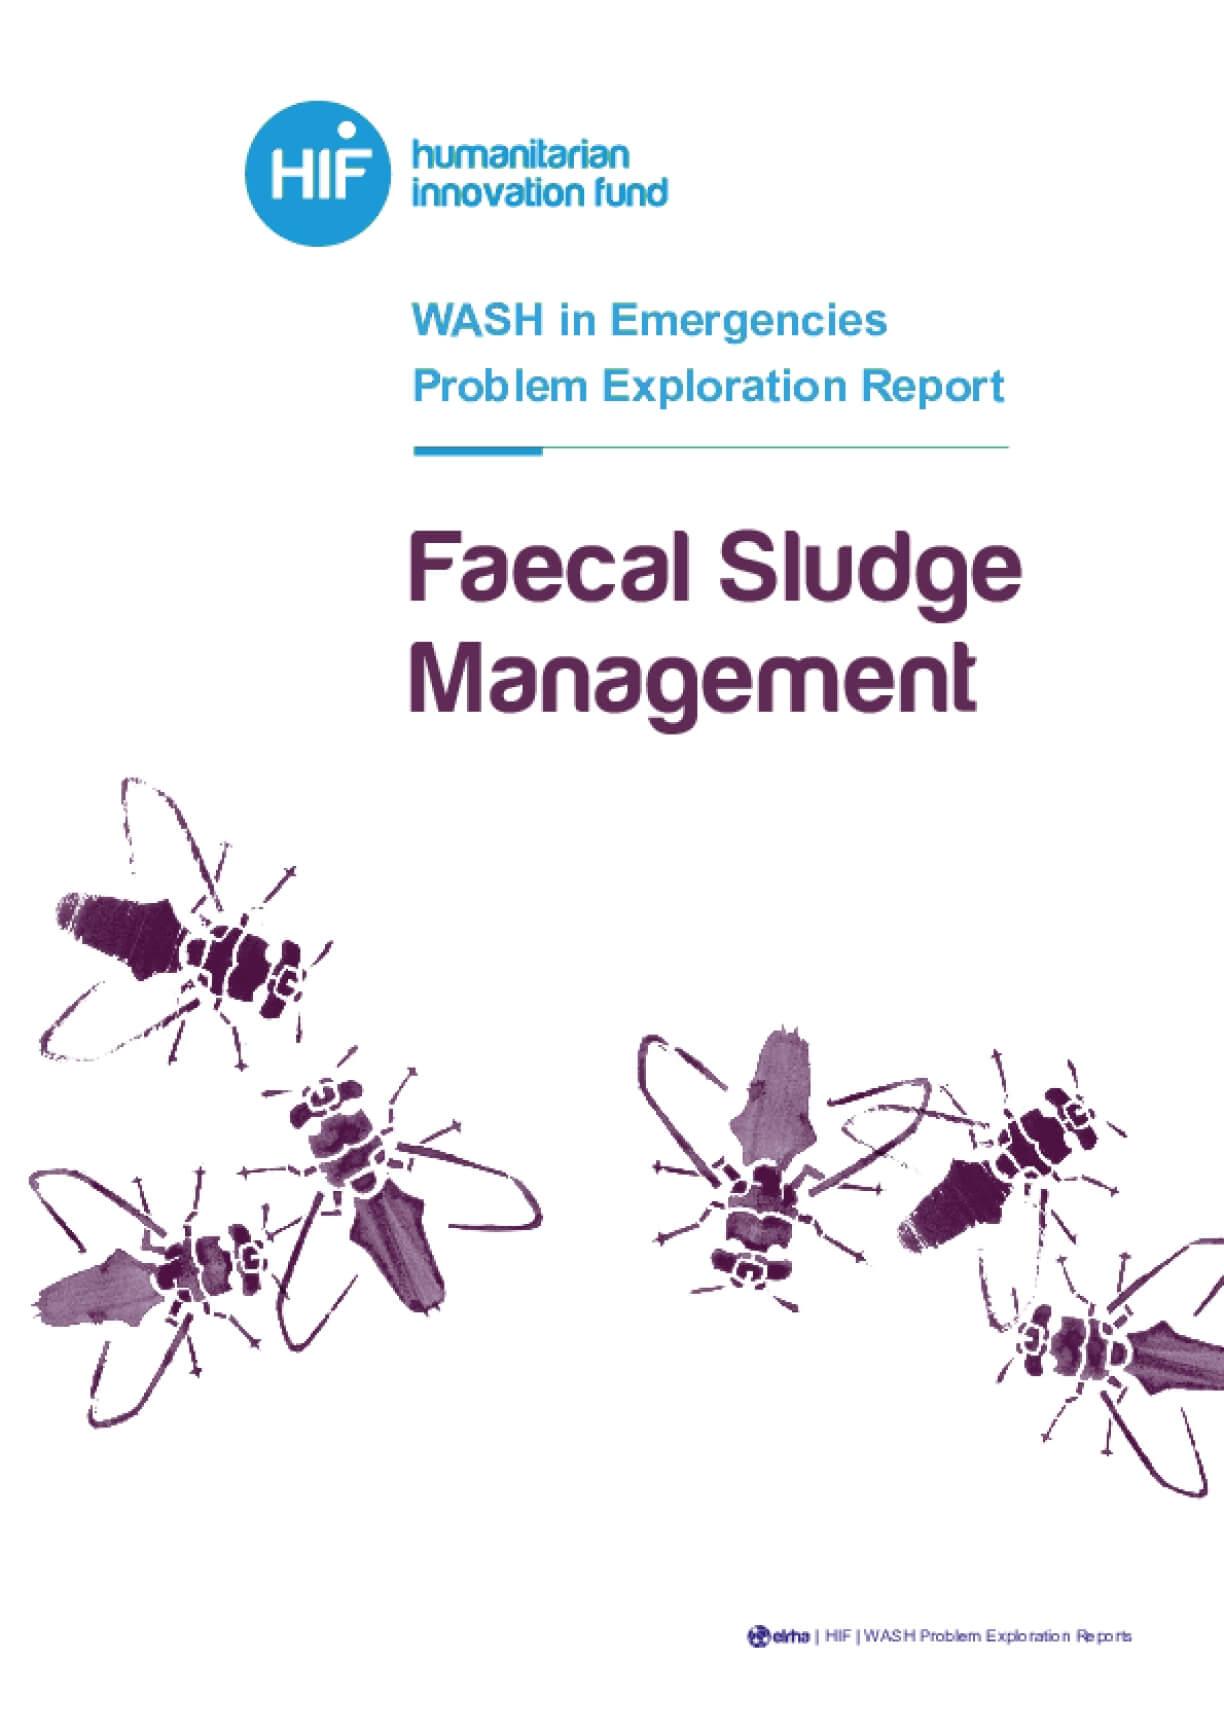 Faecal Sludge Management